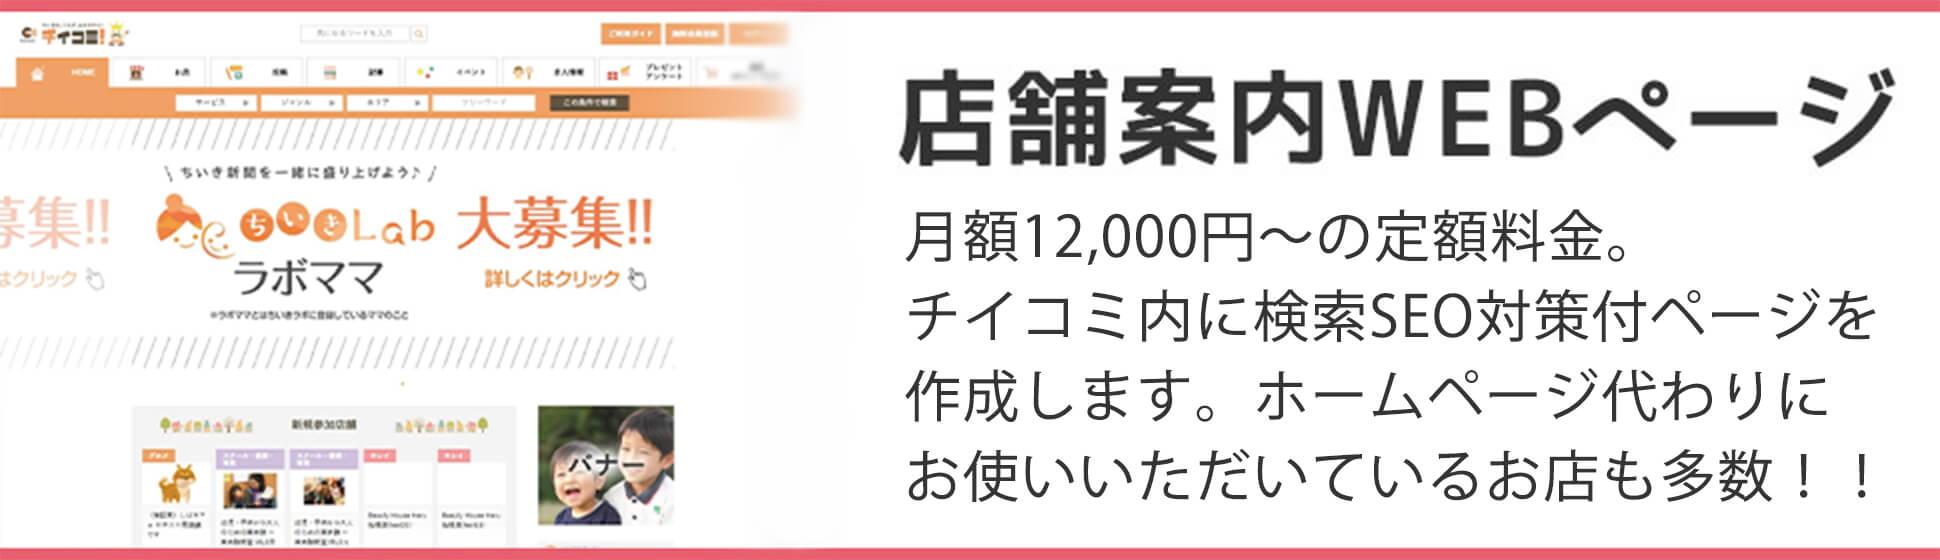 店舗案内WEBページ 掲載料金は月額12,000円と定額。検索SEO対策付ページの作成。 ホームページ代わりにお使いいただいているお店も増えています。